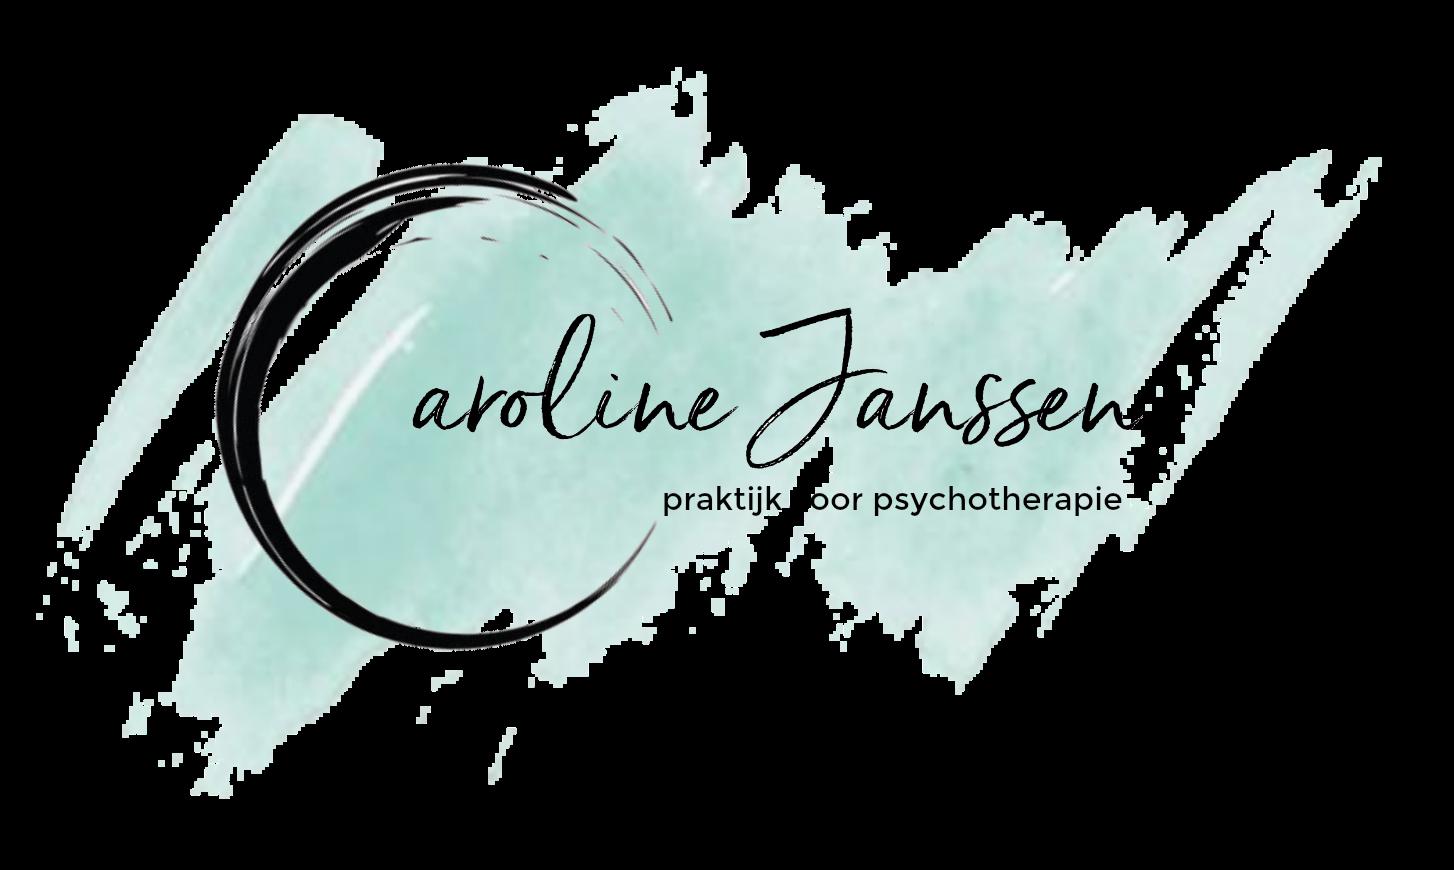 Caroline Janssen psychotherapie